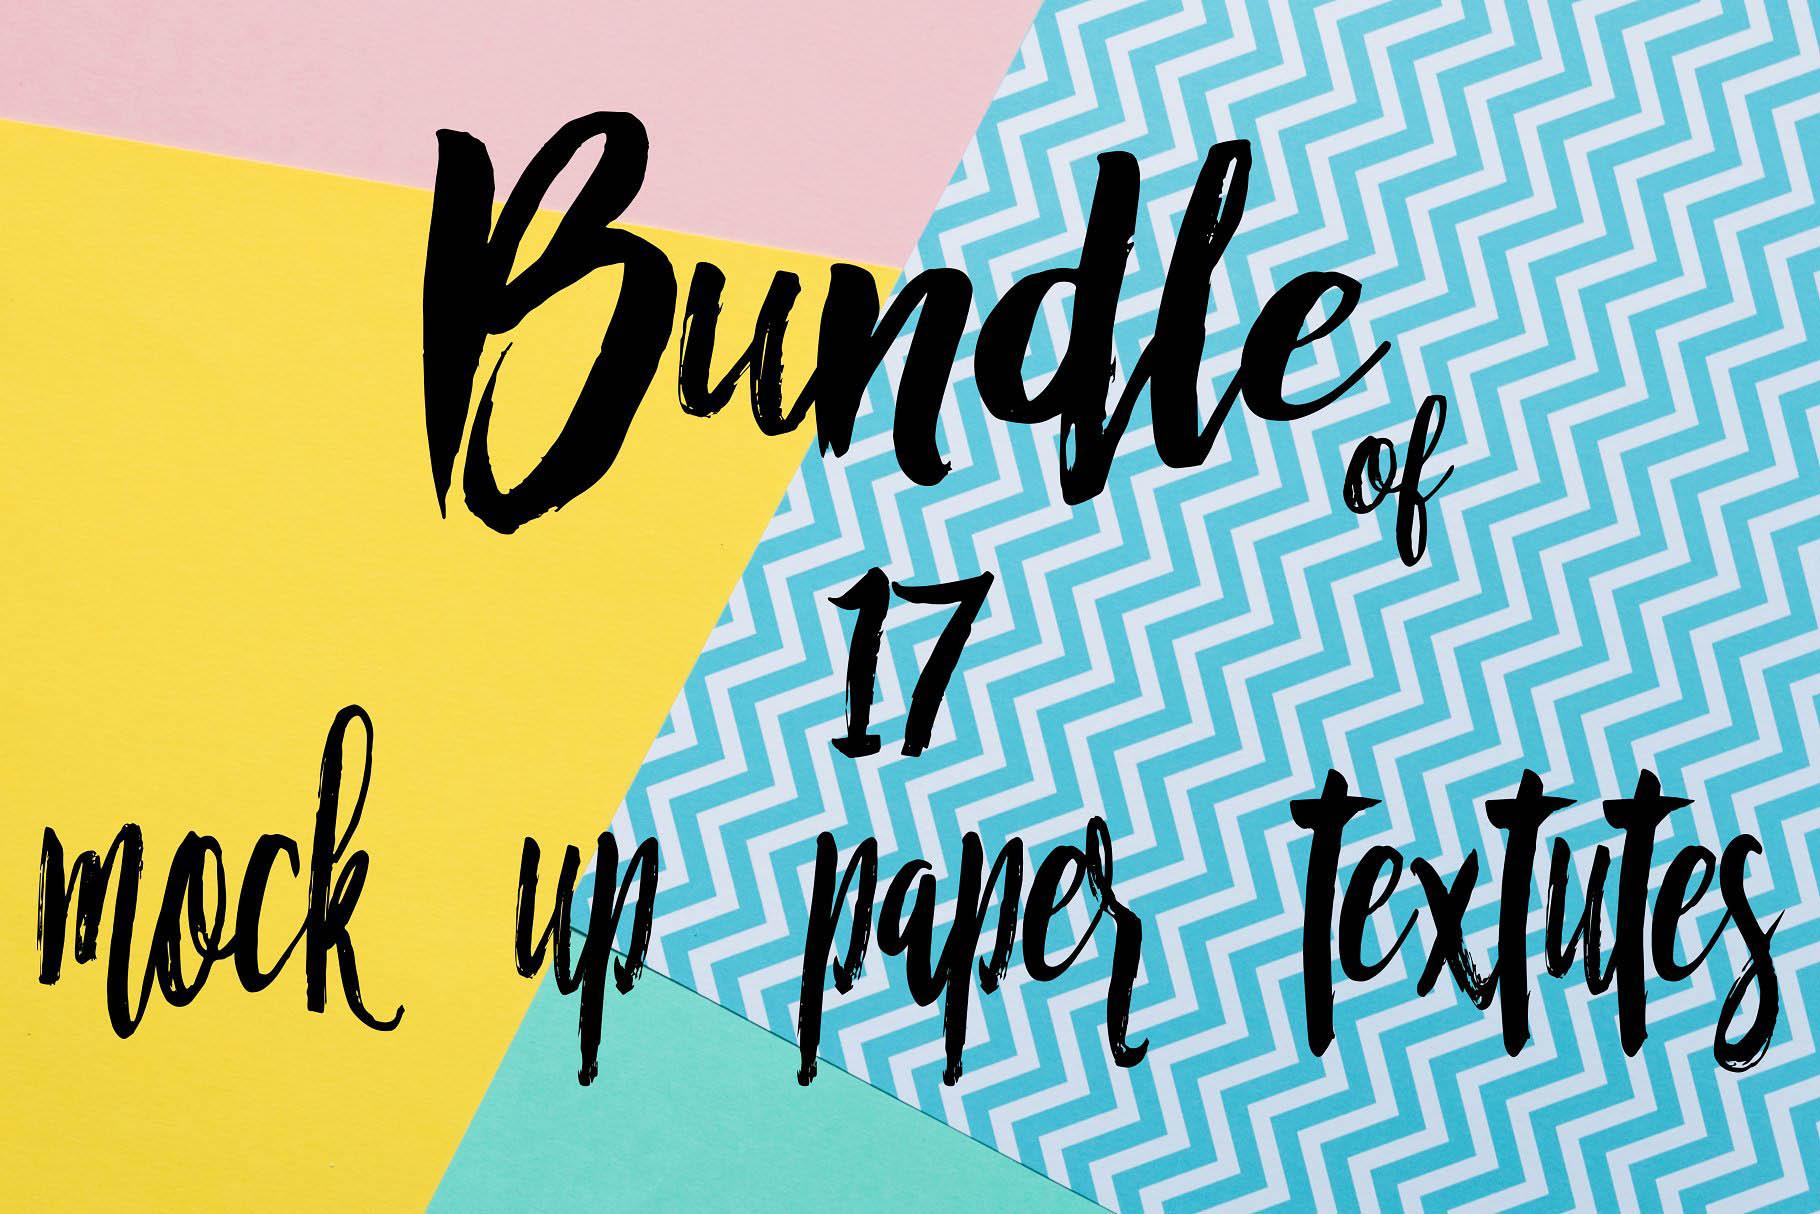 Paper Textures – Mock up Bundle 纸张纹理模型